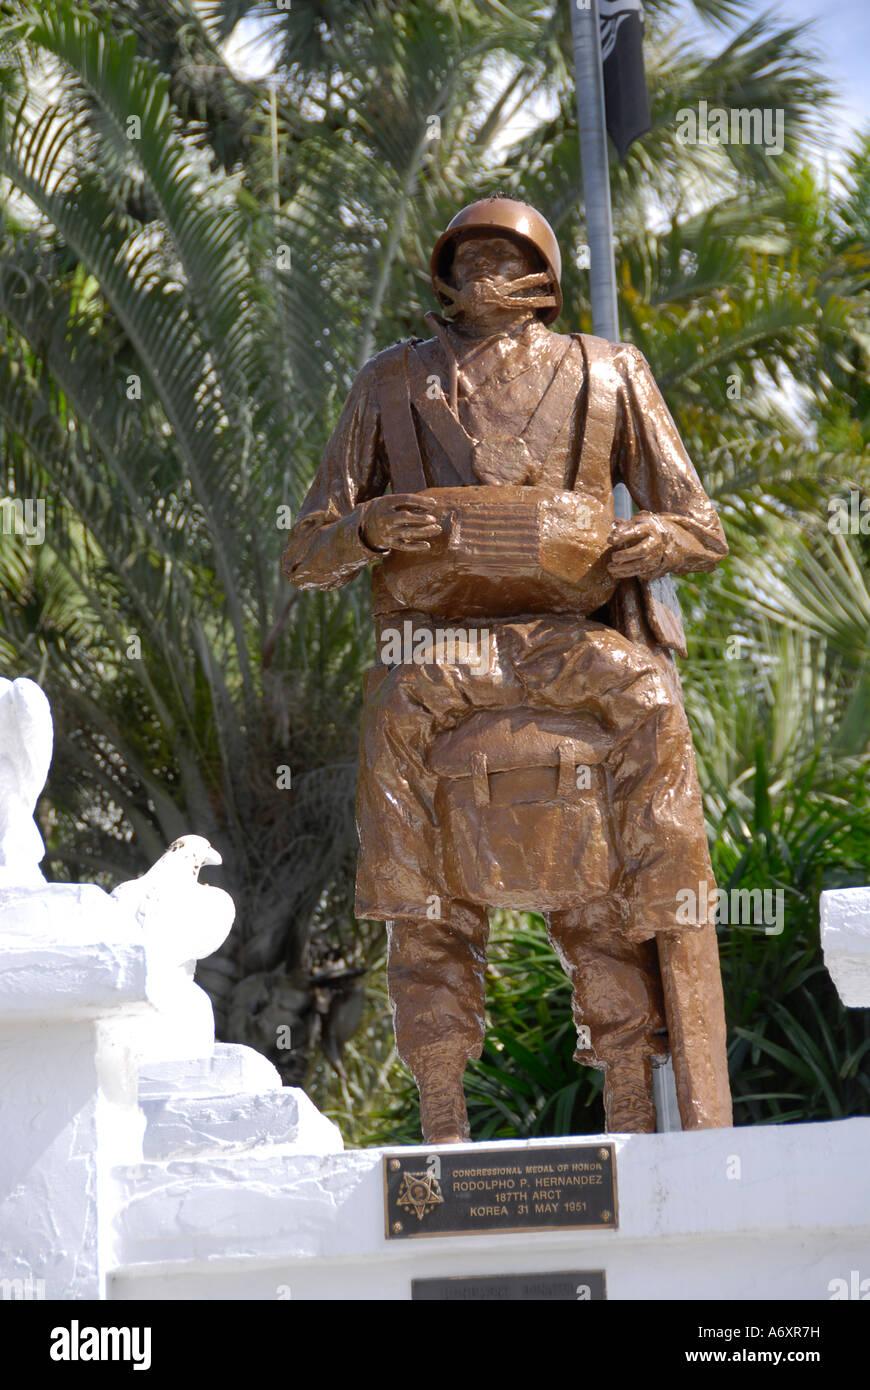 Rodolpho Hernandez Medal of Honor winner Statue in Historical Stock ...